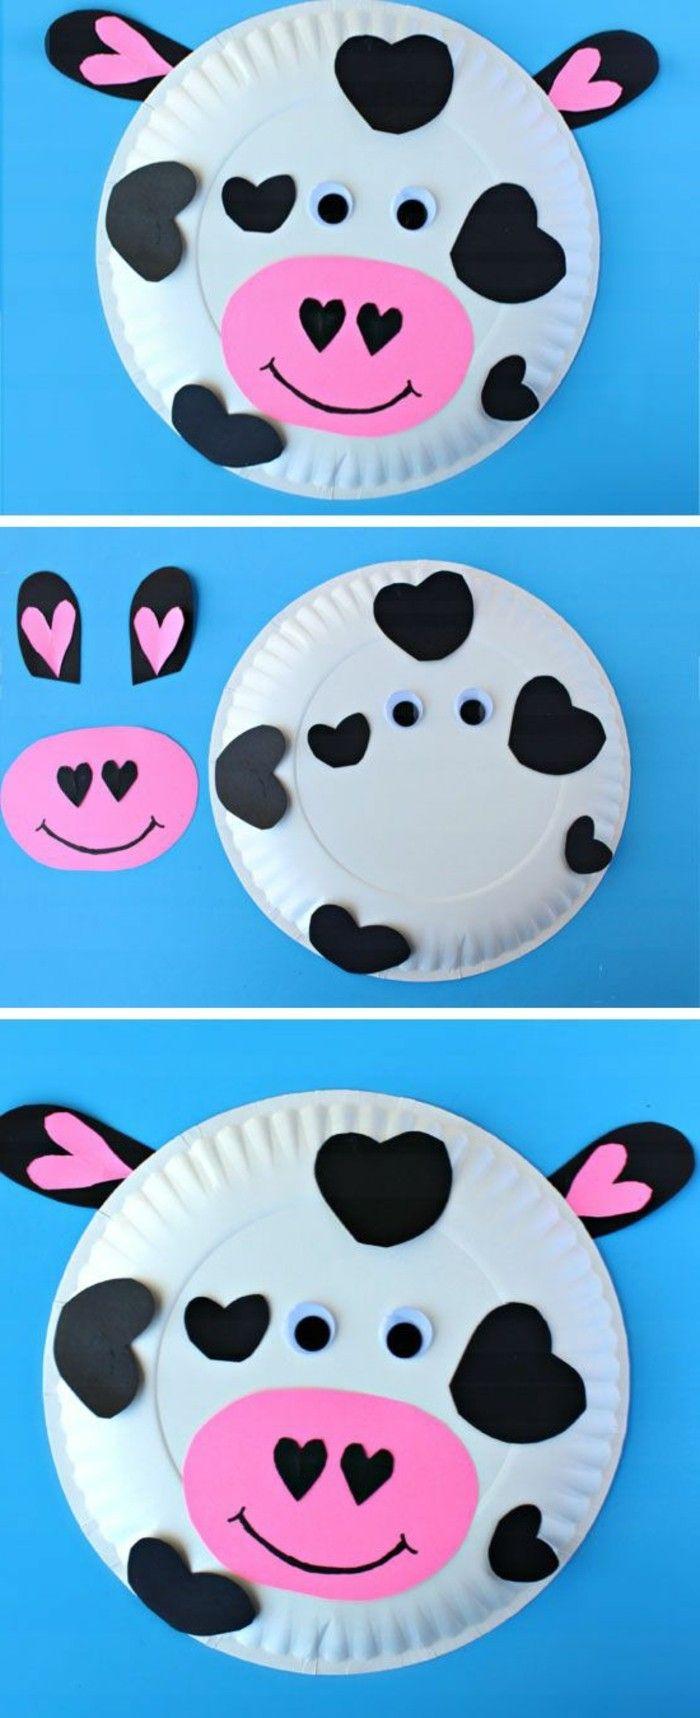 une assiette en papier transformée en vache à taches noires en papier, museau rose en papier, idée activité manuelle maternelle